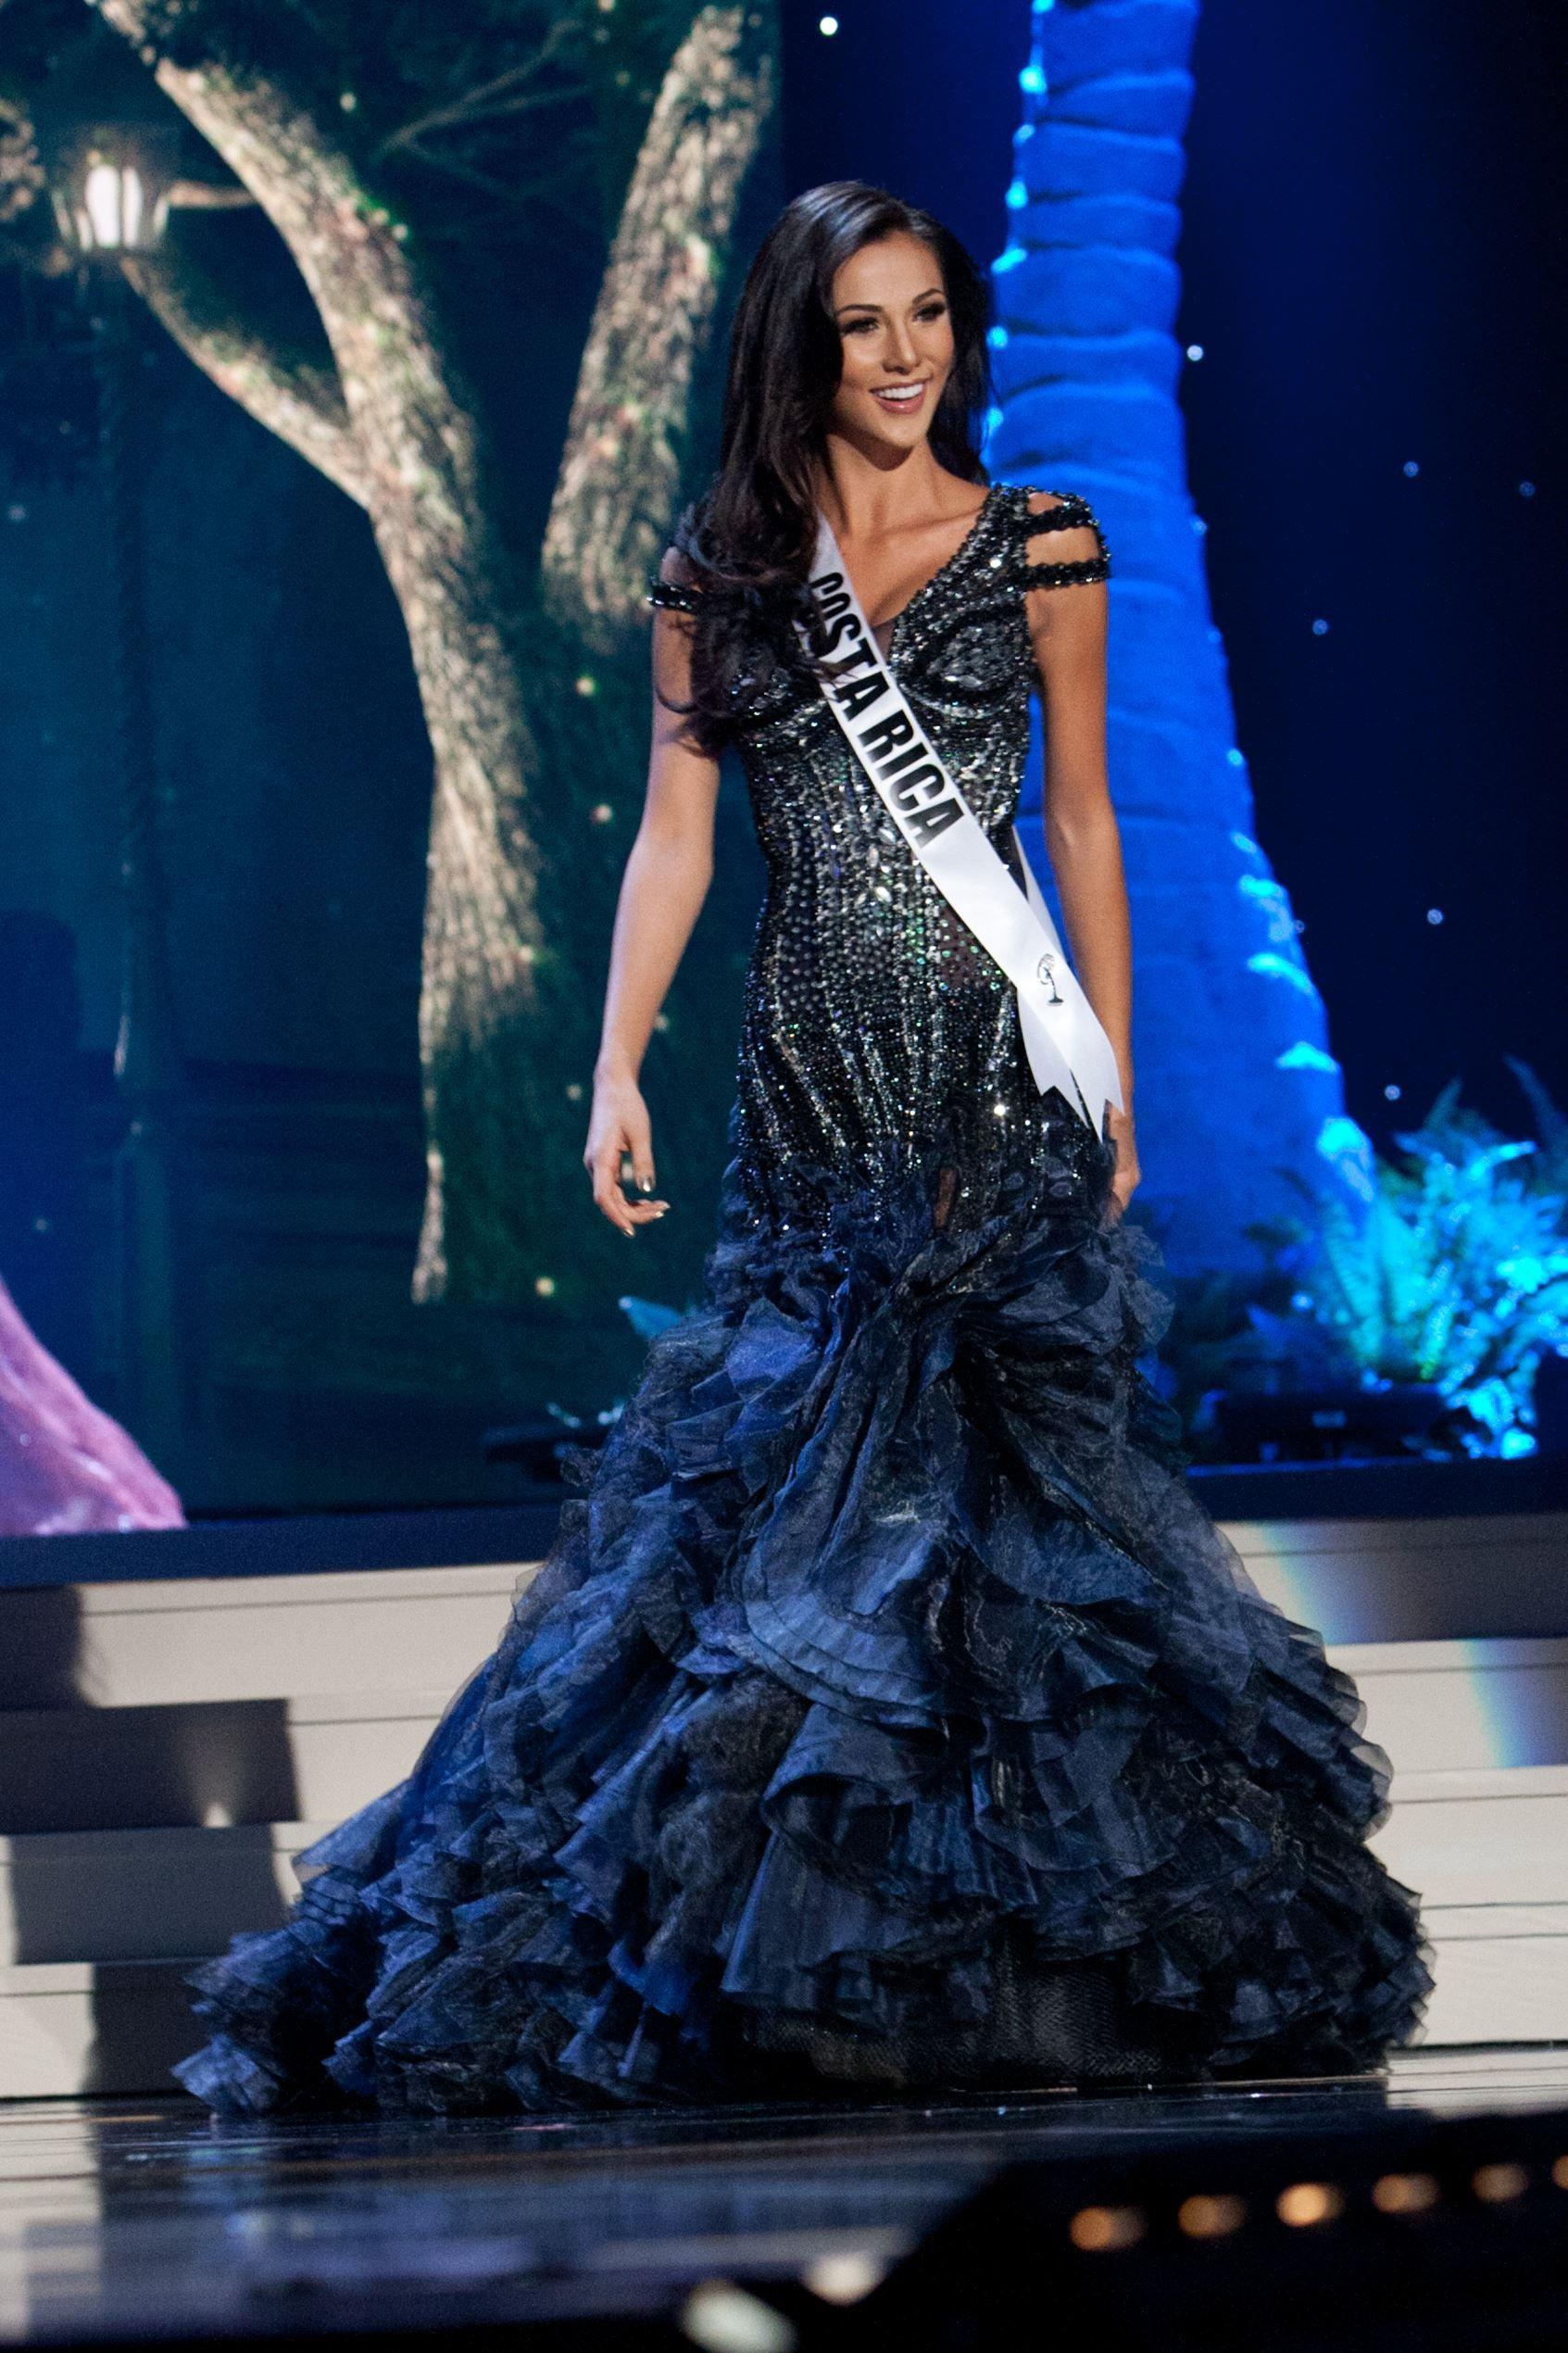 5a5493701 Miss Universo 2014  Competencia preliminar en traje de baño y vestido de  gala